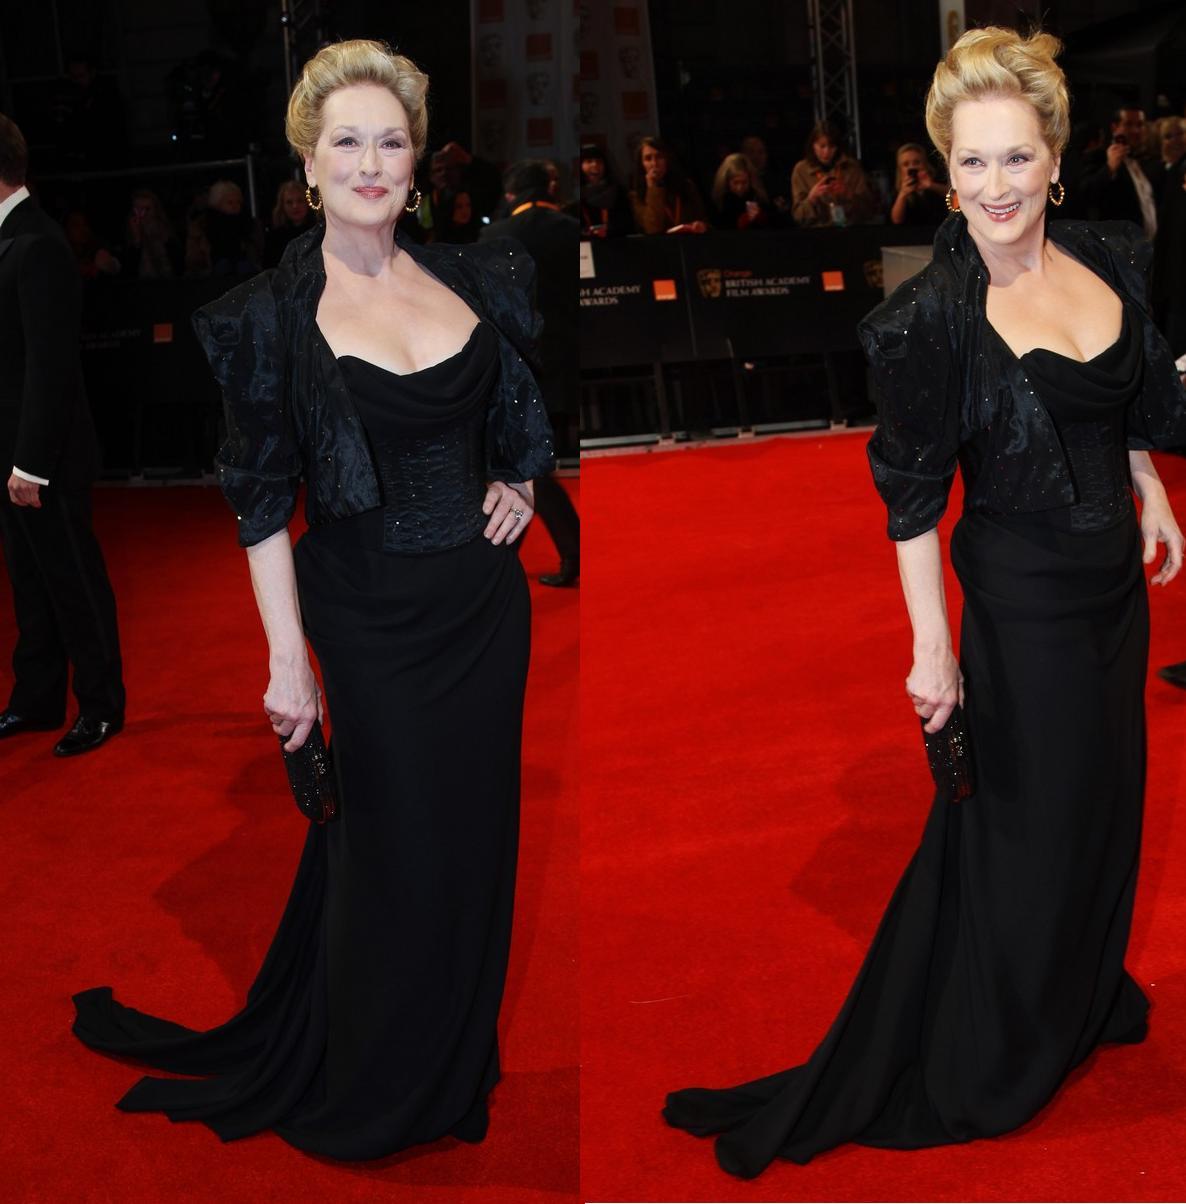 http://1.bp.blogspot.com/-G86azemnH9I/Tzg1HW2QzuI/AAAAAAAAE14/oz_tWacRFvQ/s1600/Meryl+Streep+in+Vivienne+Westwood+-+2012+BAFTAs.jpg